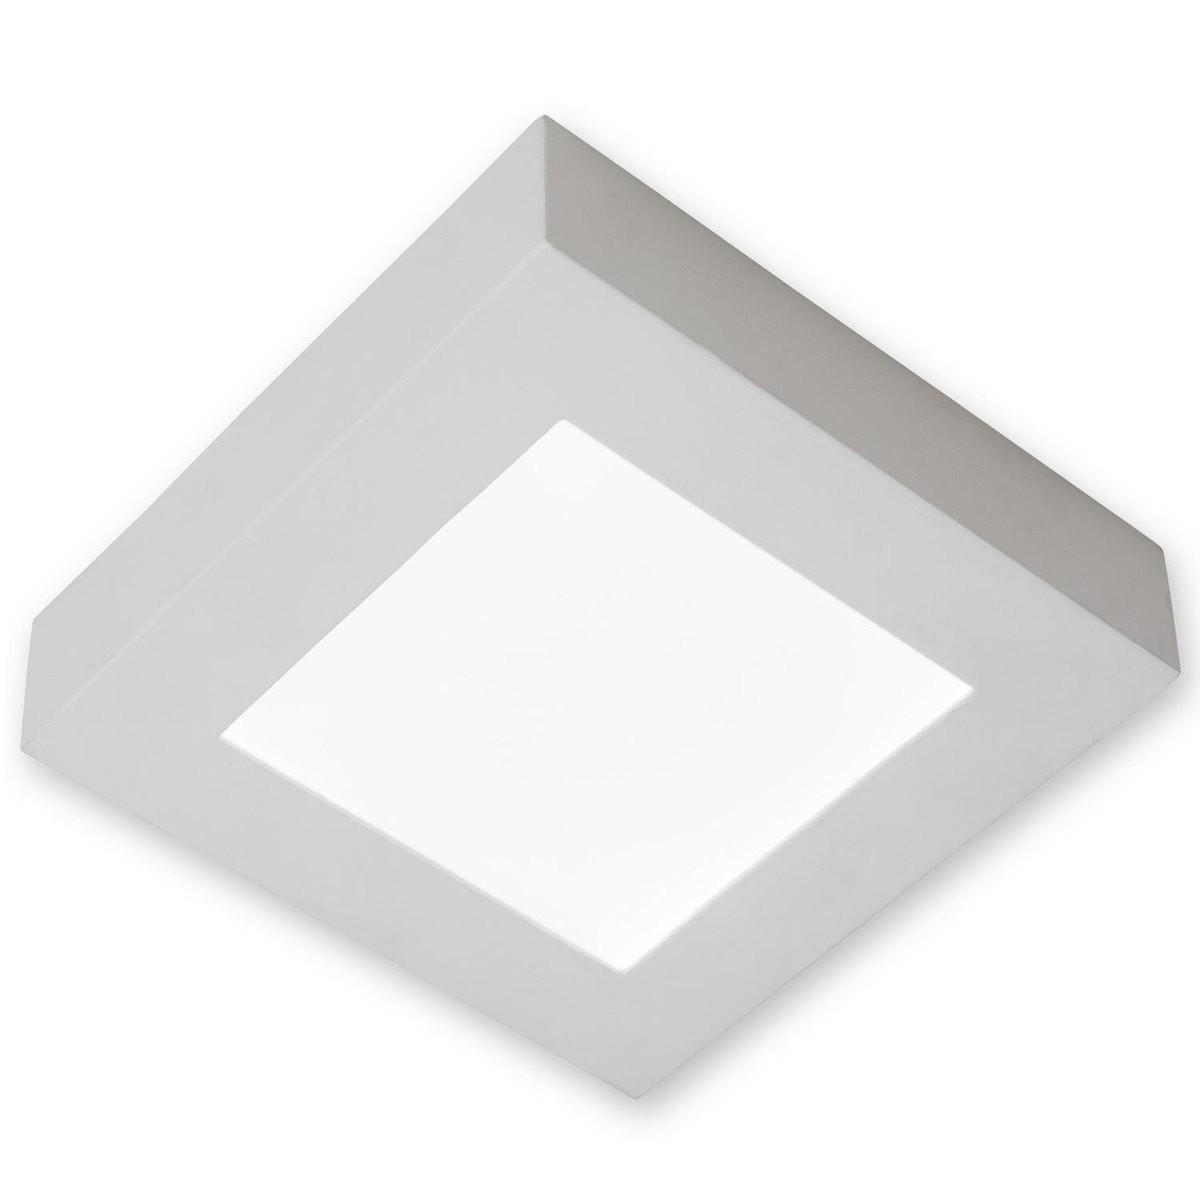 Kit 10 Luminárias plafon LED 12w Quadrado De Sobrepor Teto - Luz Branca Neutra